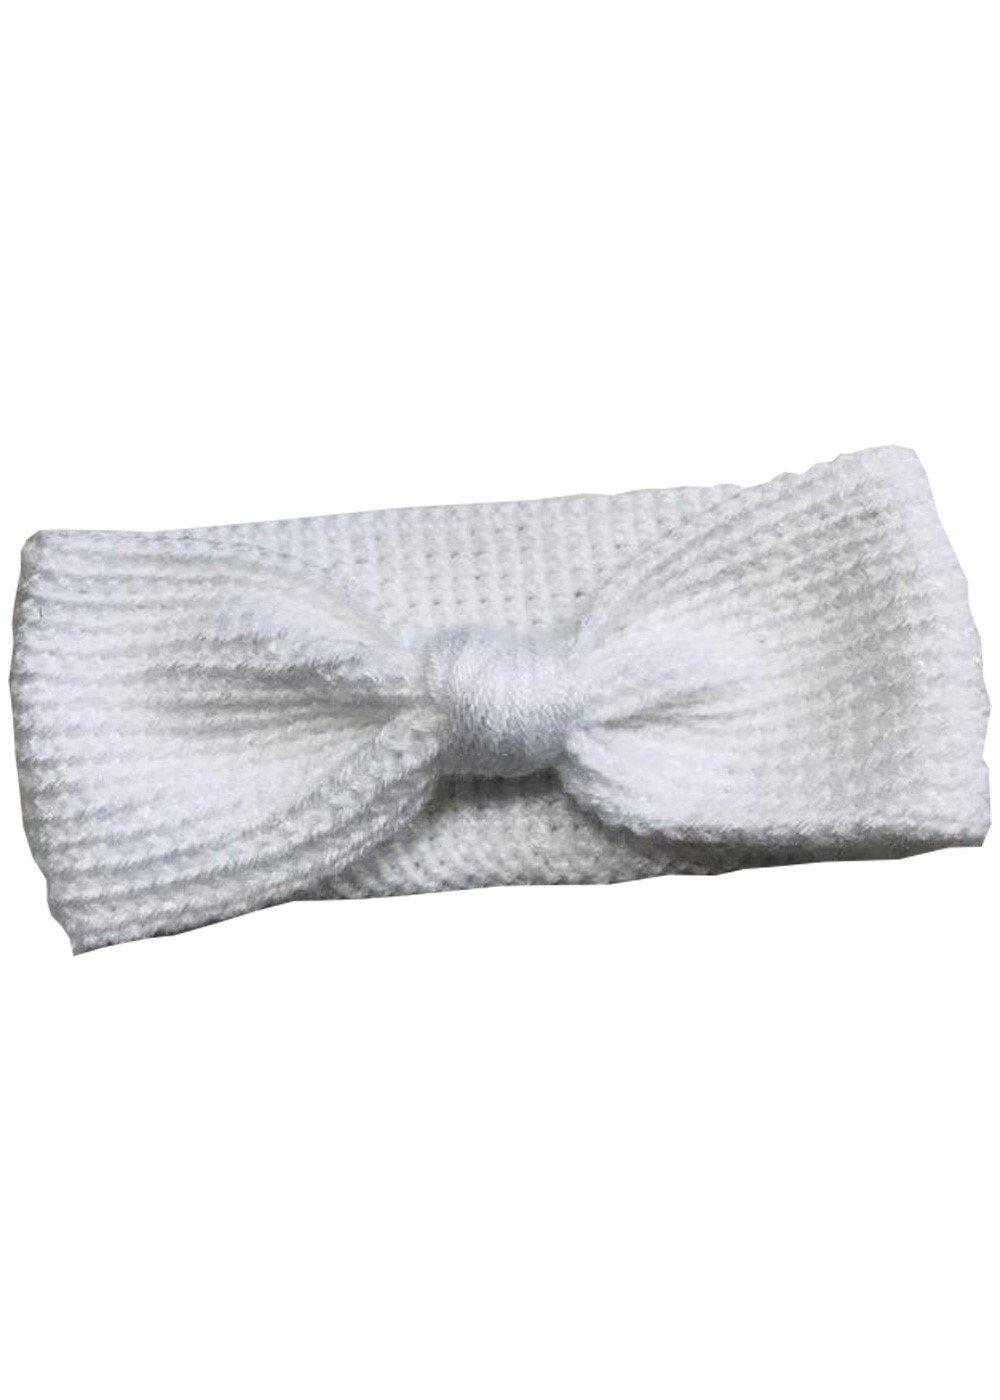 Hand Crochet White Headband